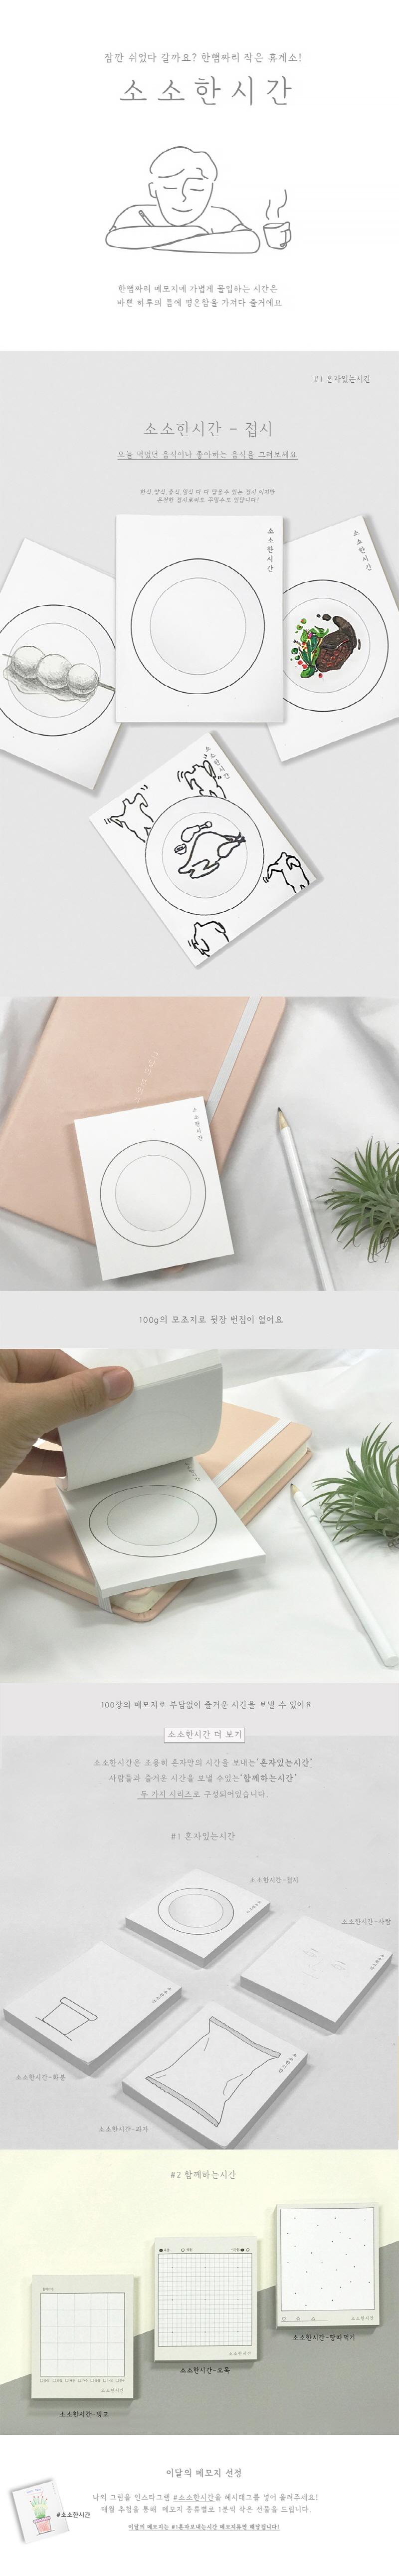 소소한시간 - 접시 - 프리템포, 2,500원, 메모/점착메모, 메모지